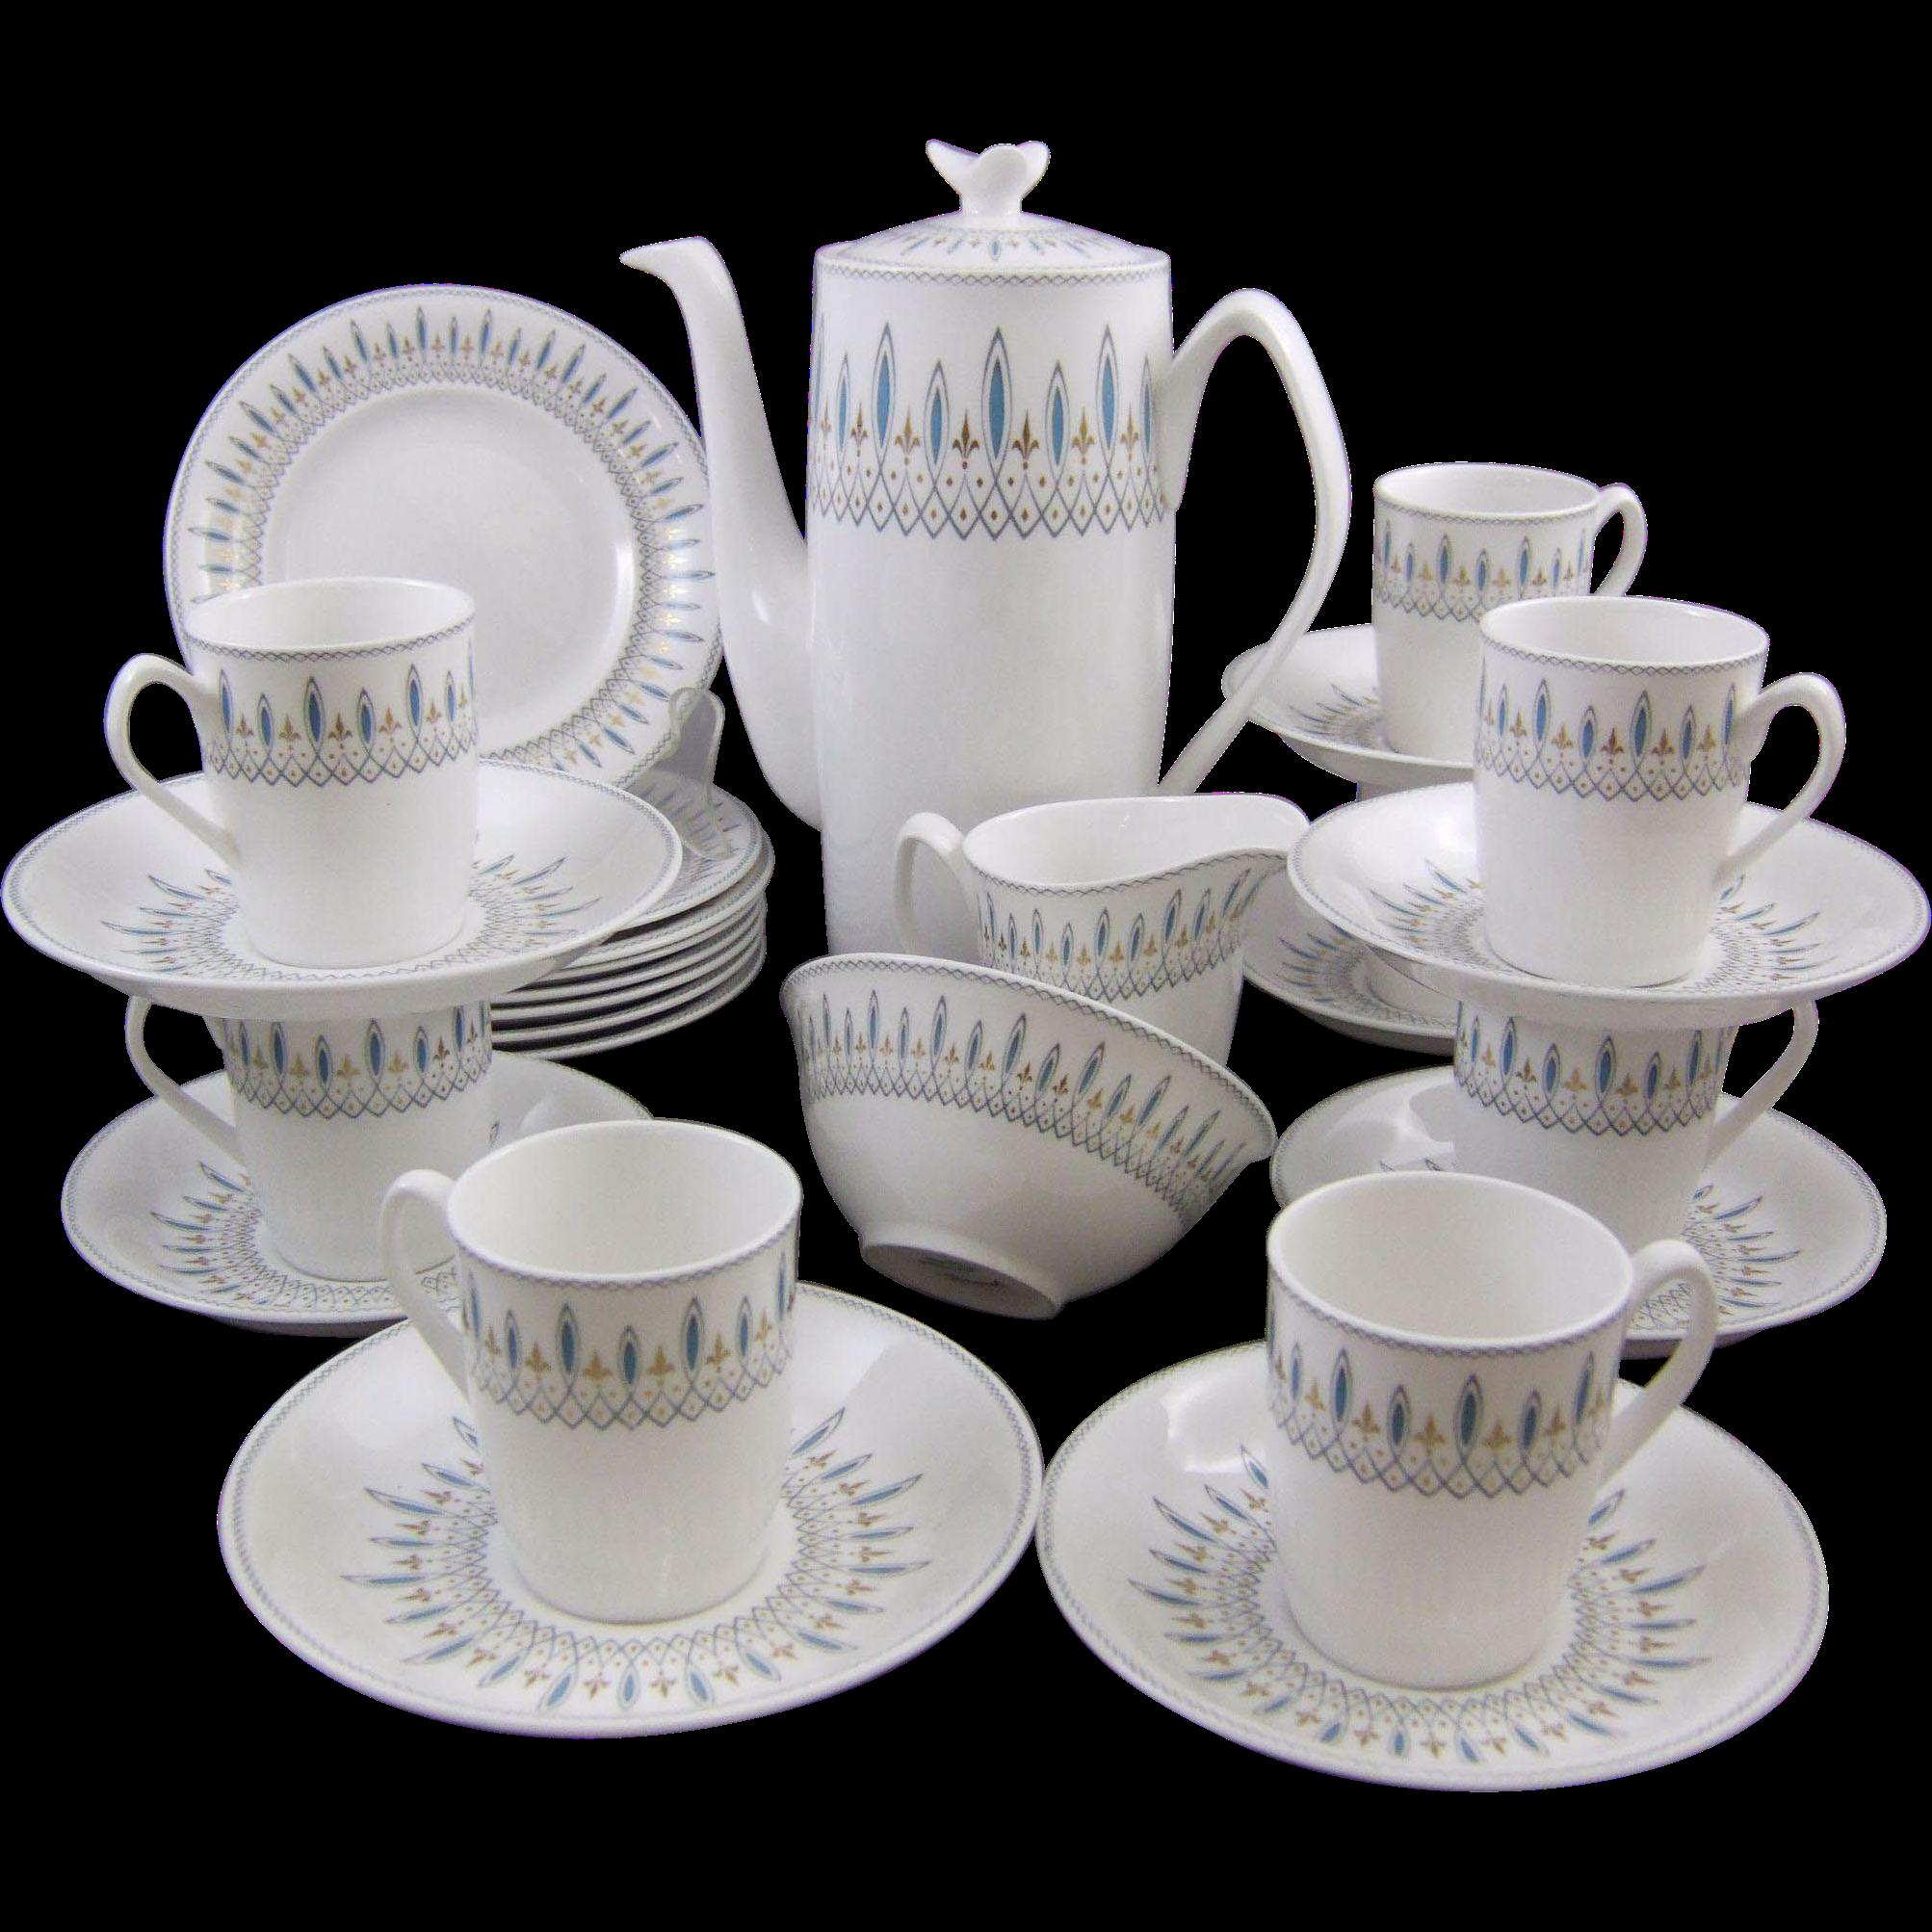 Spode Brussels Porcelain Dessert Service